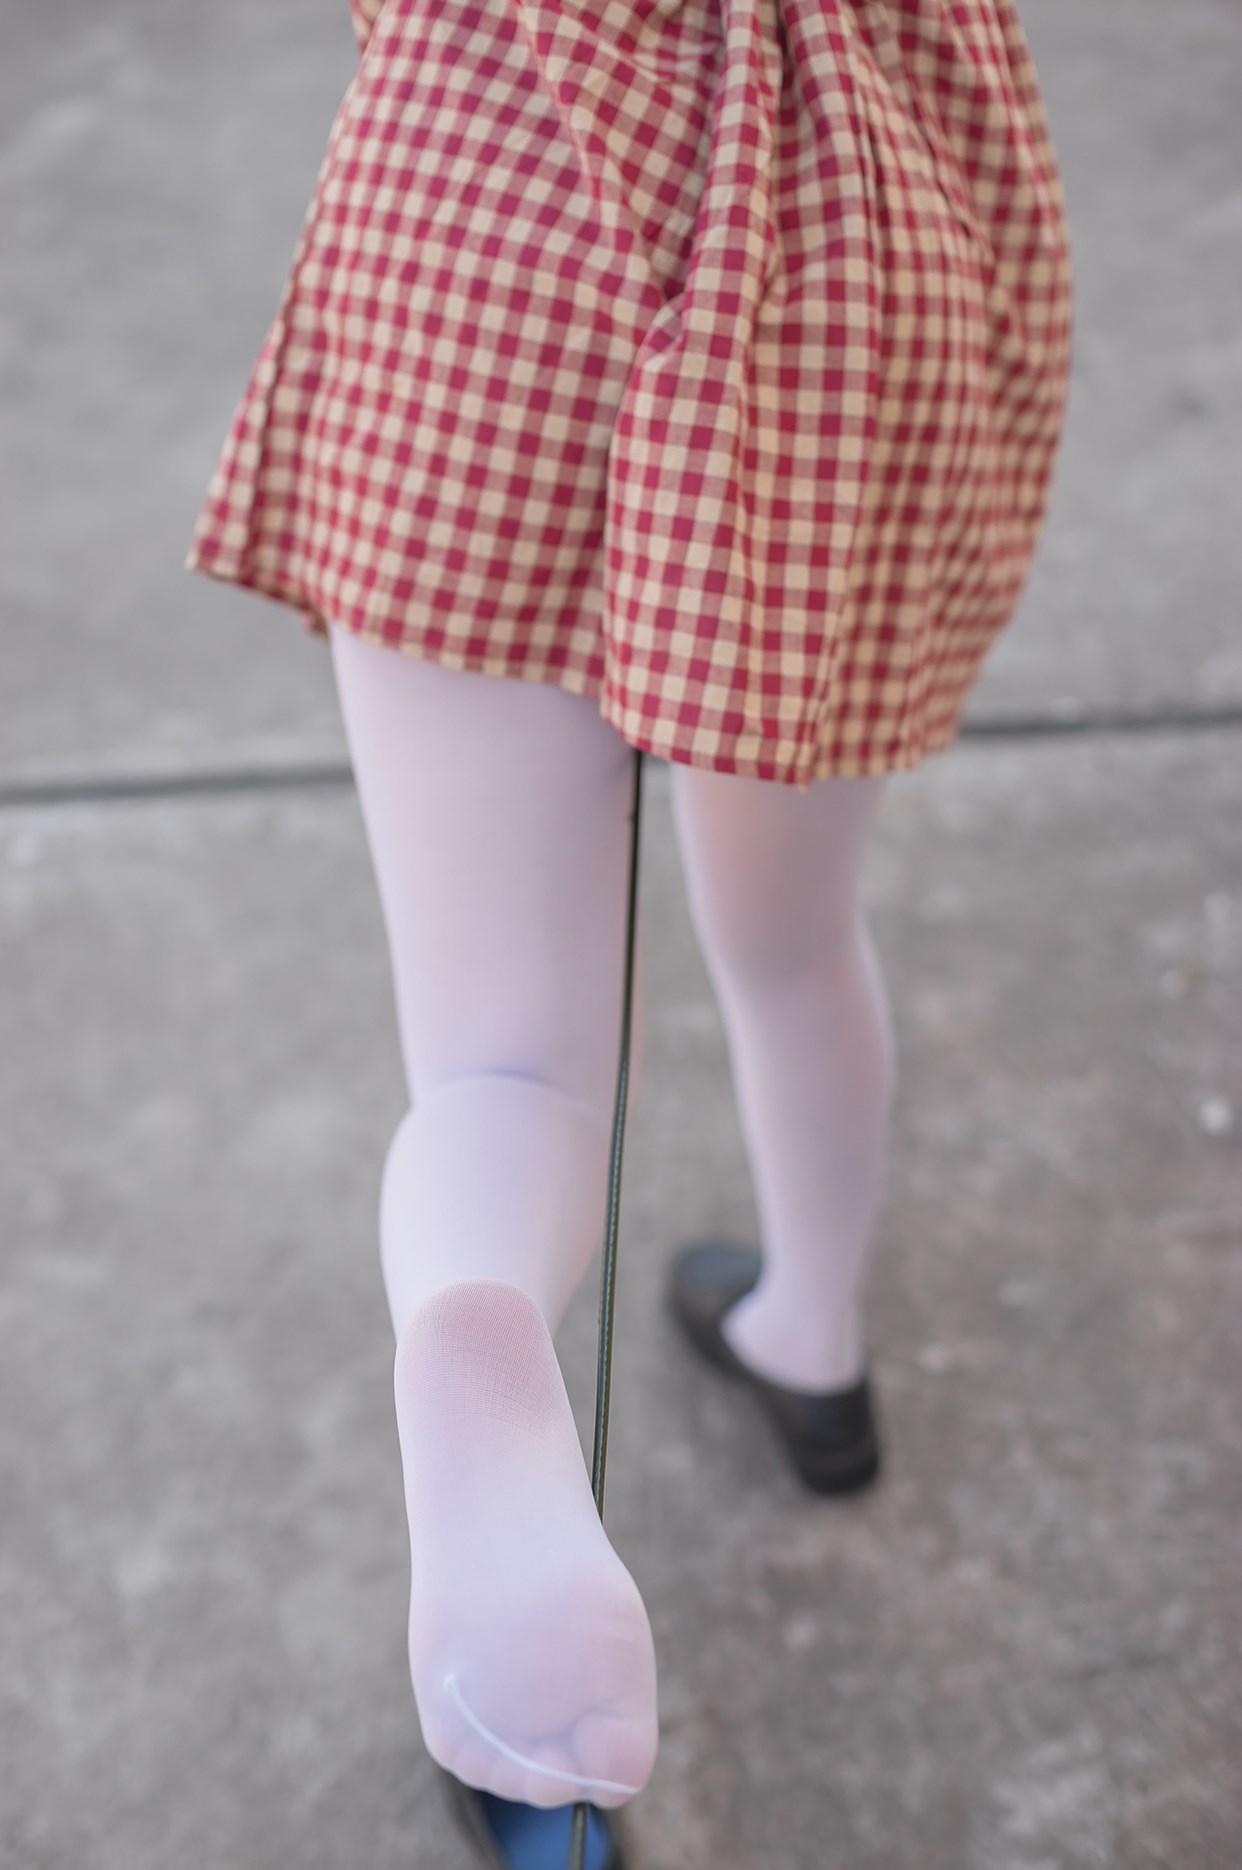 【兔玩映画】萝莉的白丝袜 兔玩映画 第20张